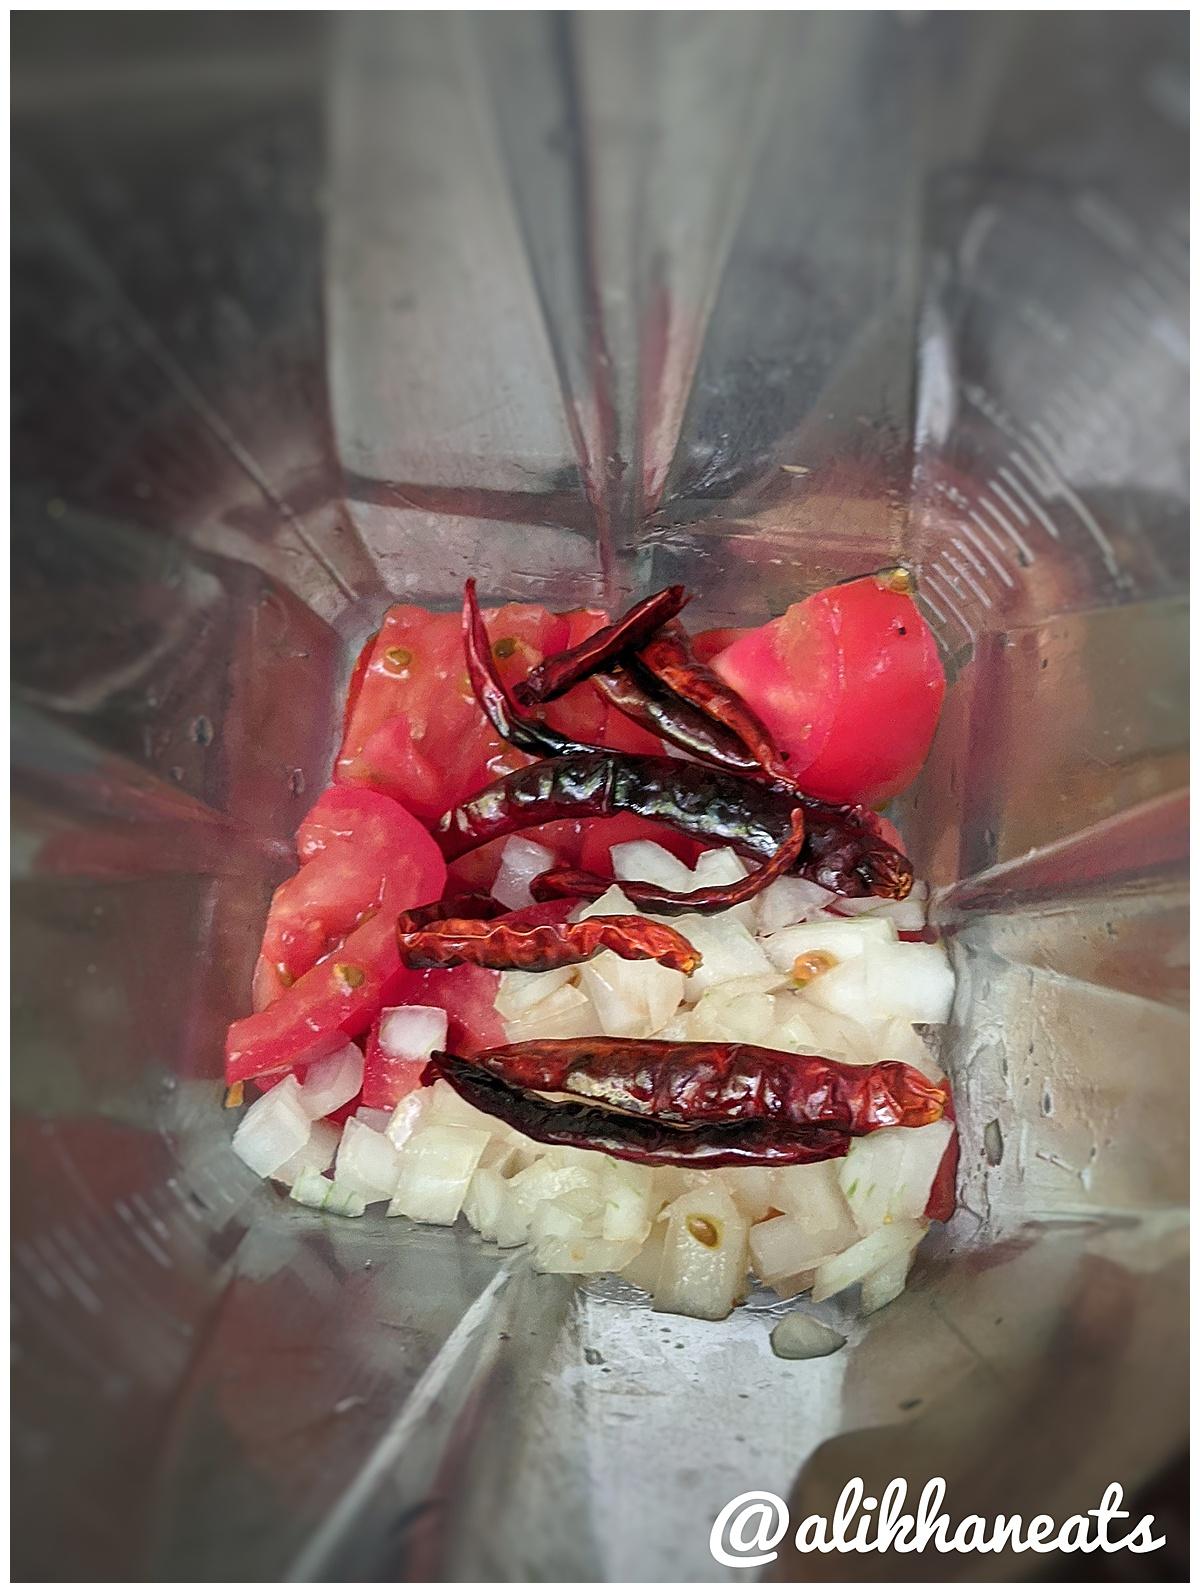 tomato arbol salsa in blender